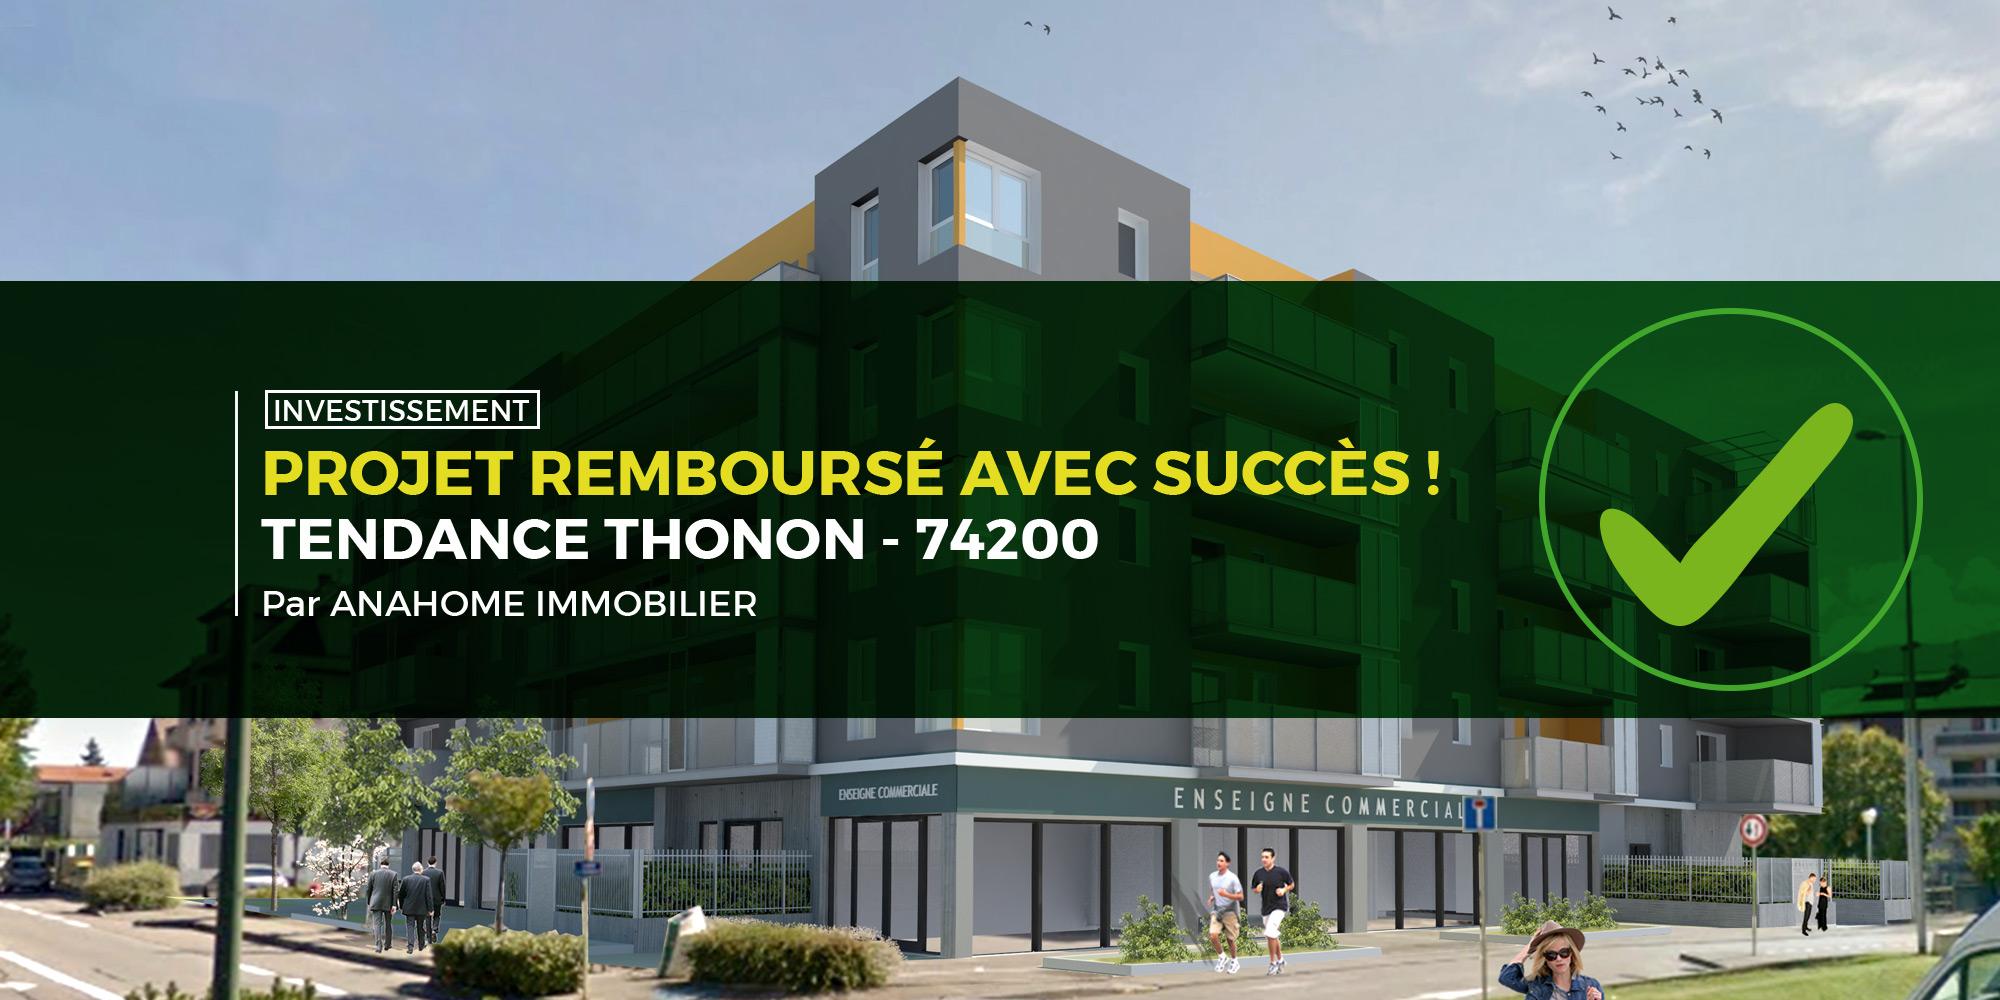 En octobre, Monego rembourse un 12e projet immobilier avec succès !